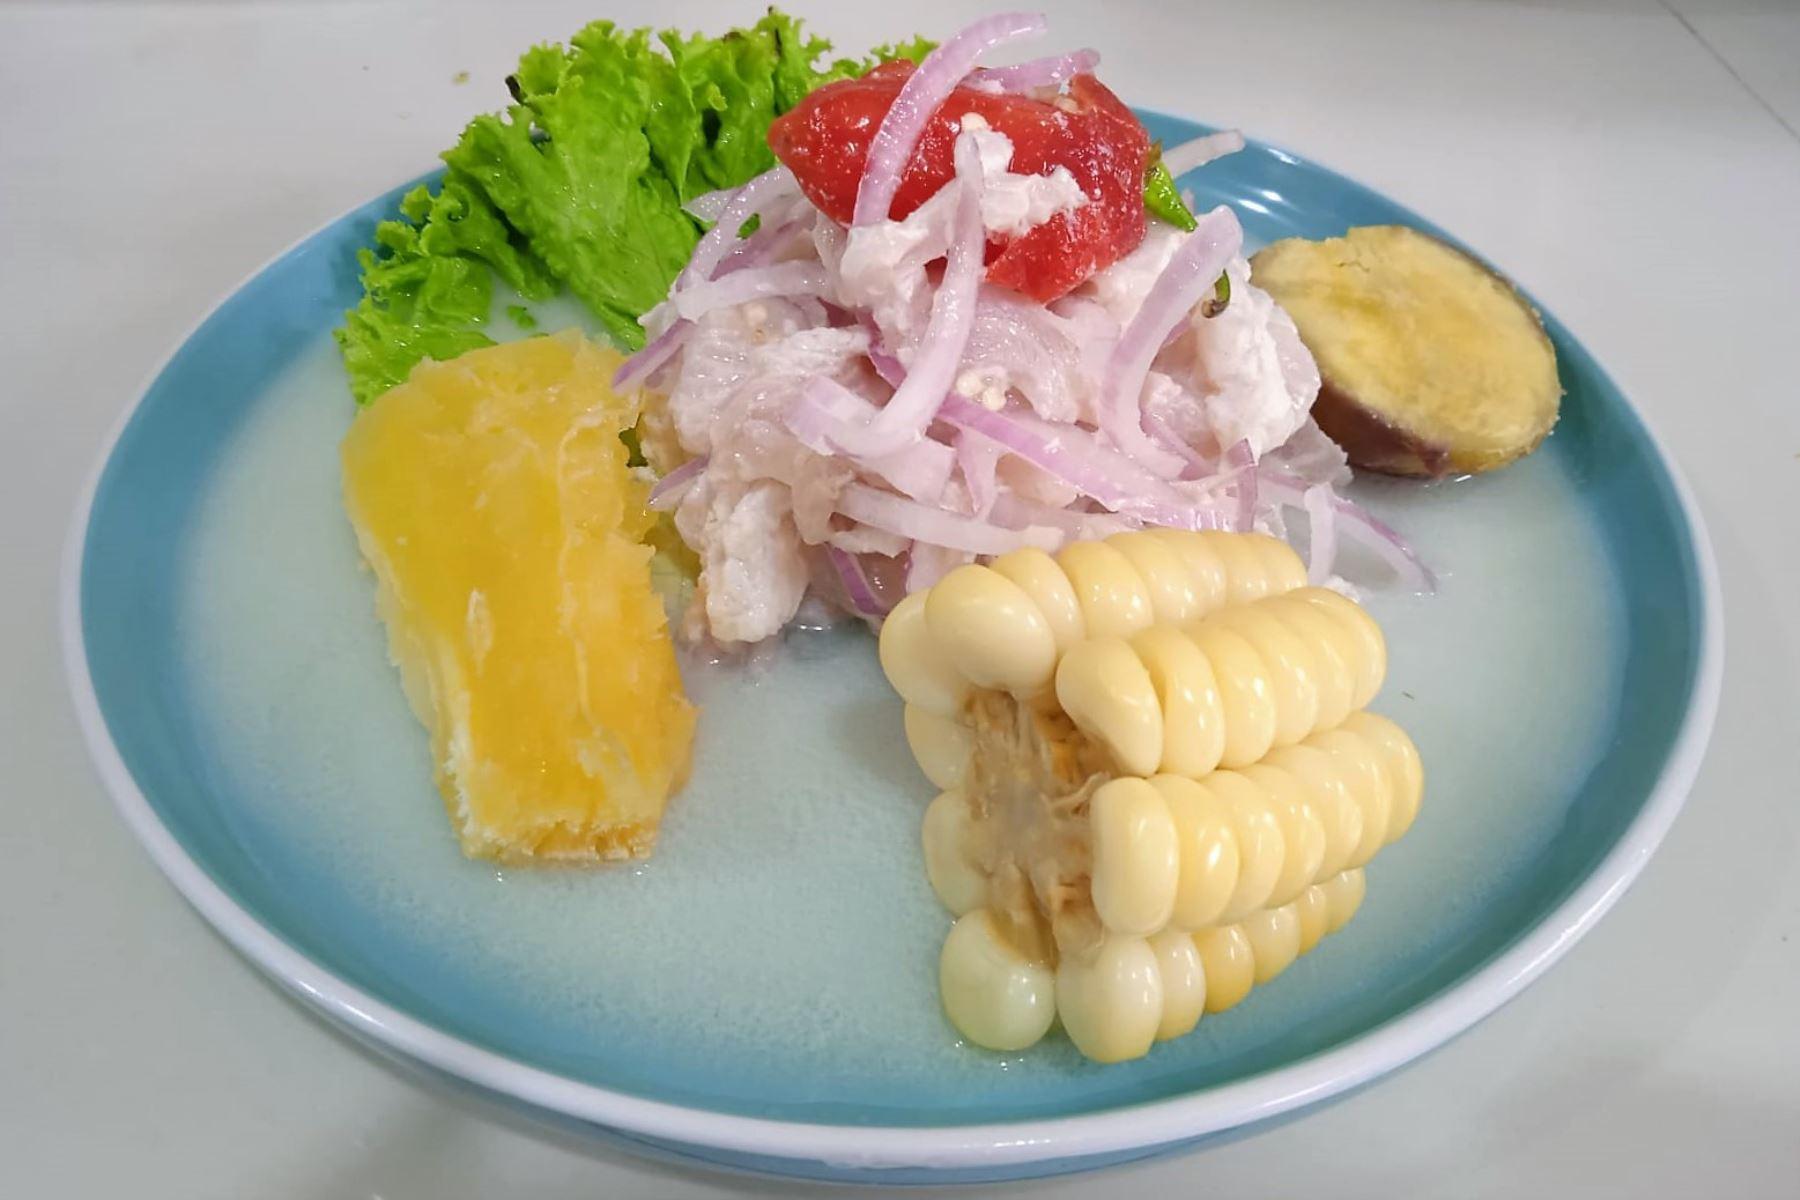 Ceviche del restaurante El Caribe de Huanchaco es reconocido por National Geographic. Fotos: Vanessa Graos Garnique.